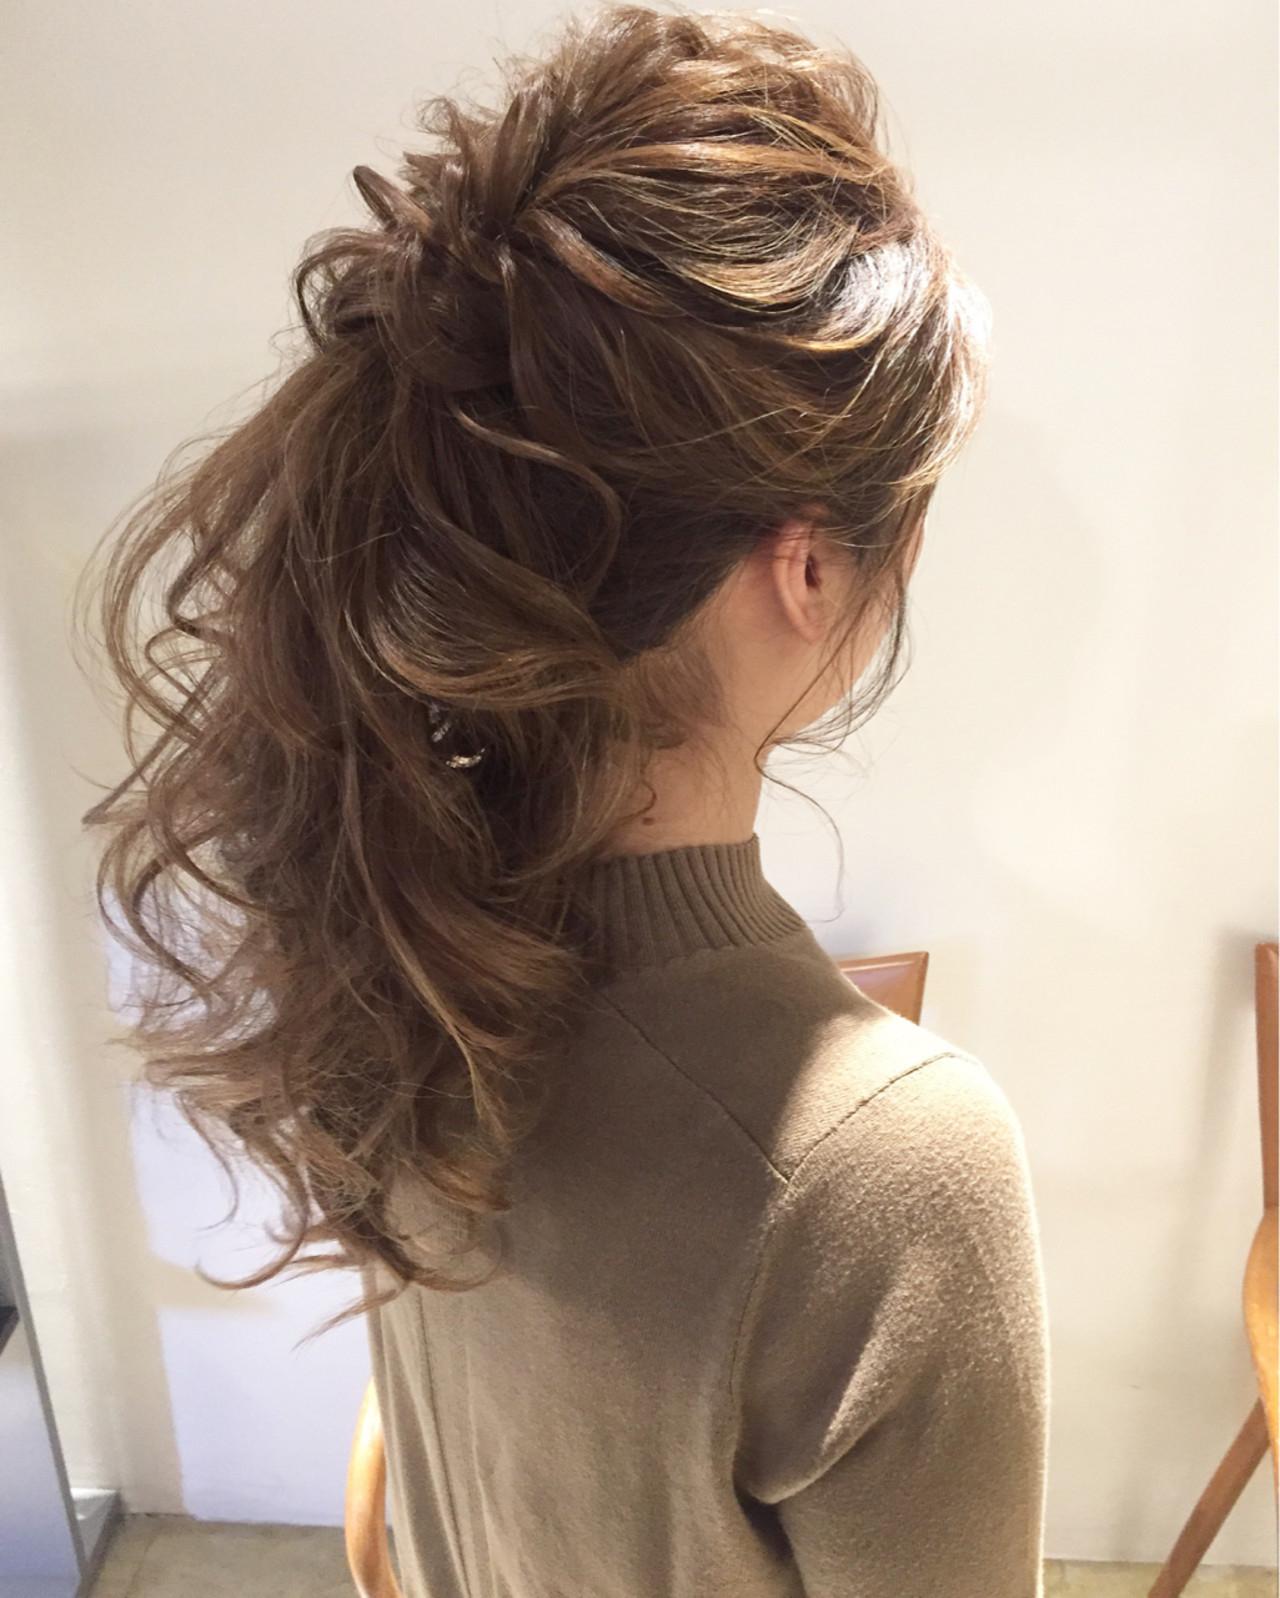 髪全体を程よく崩してこなれ感を